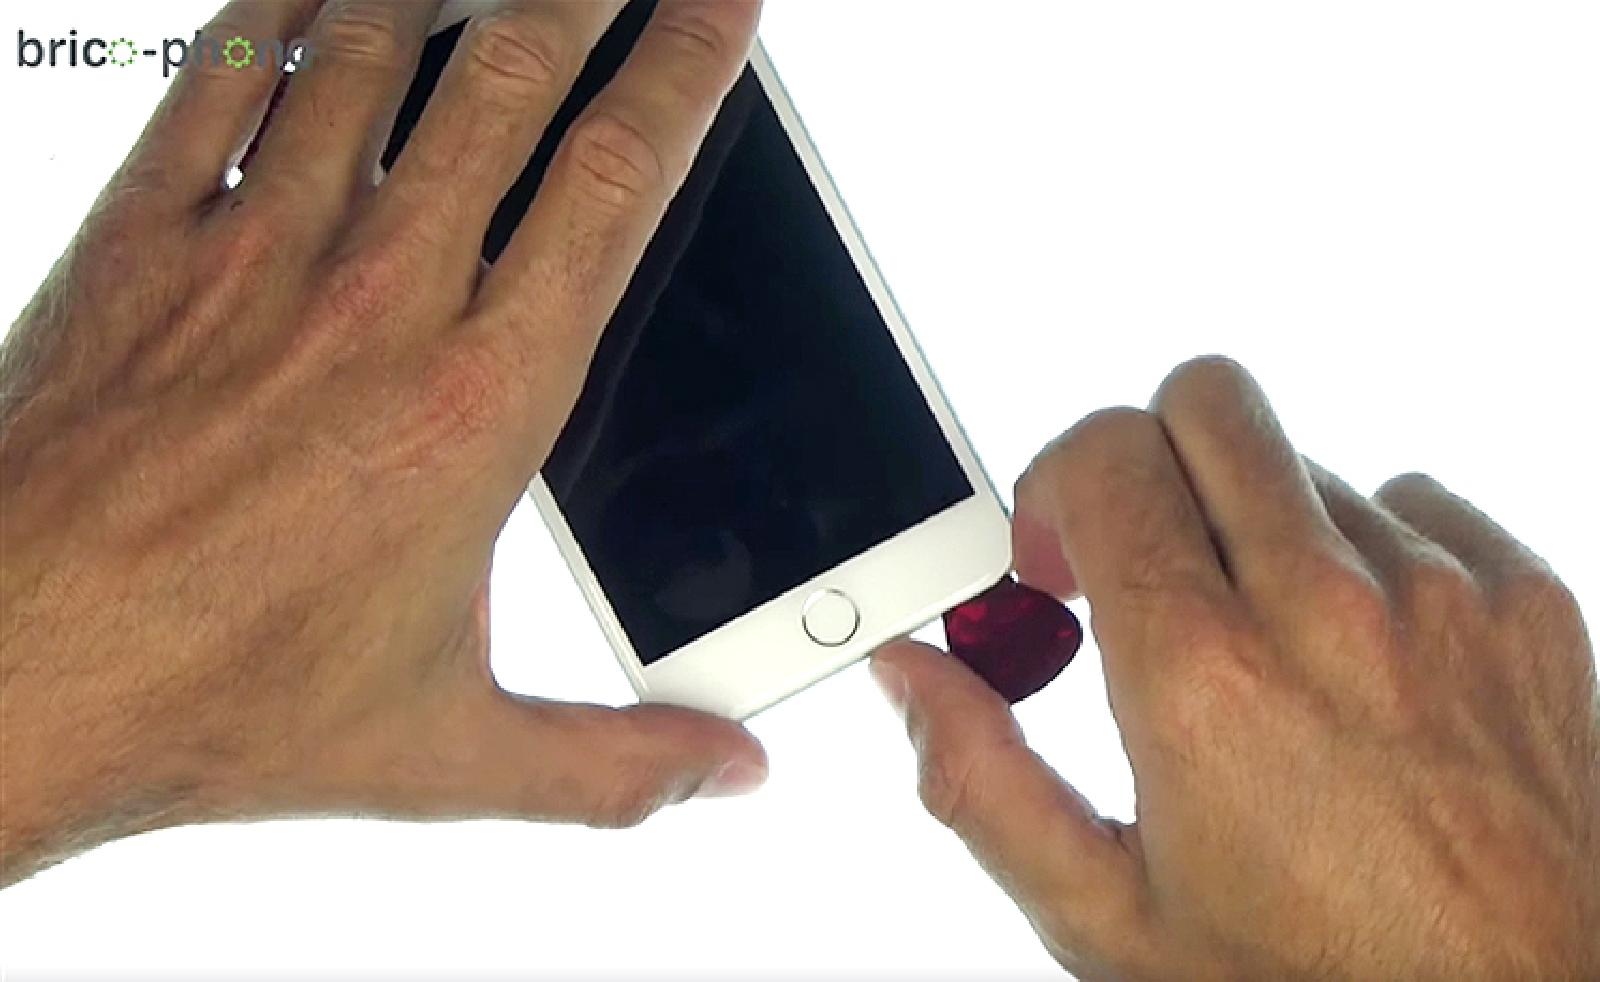 Etape 3 : Déclipser l'écran à l'aide d'une ventouse